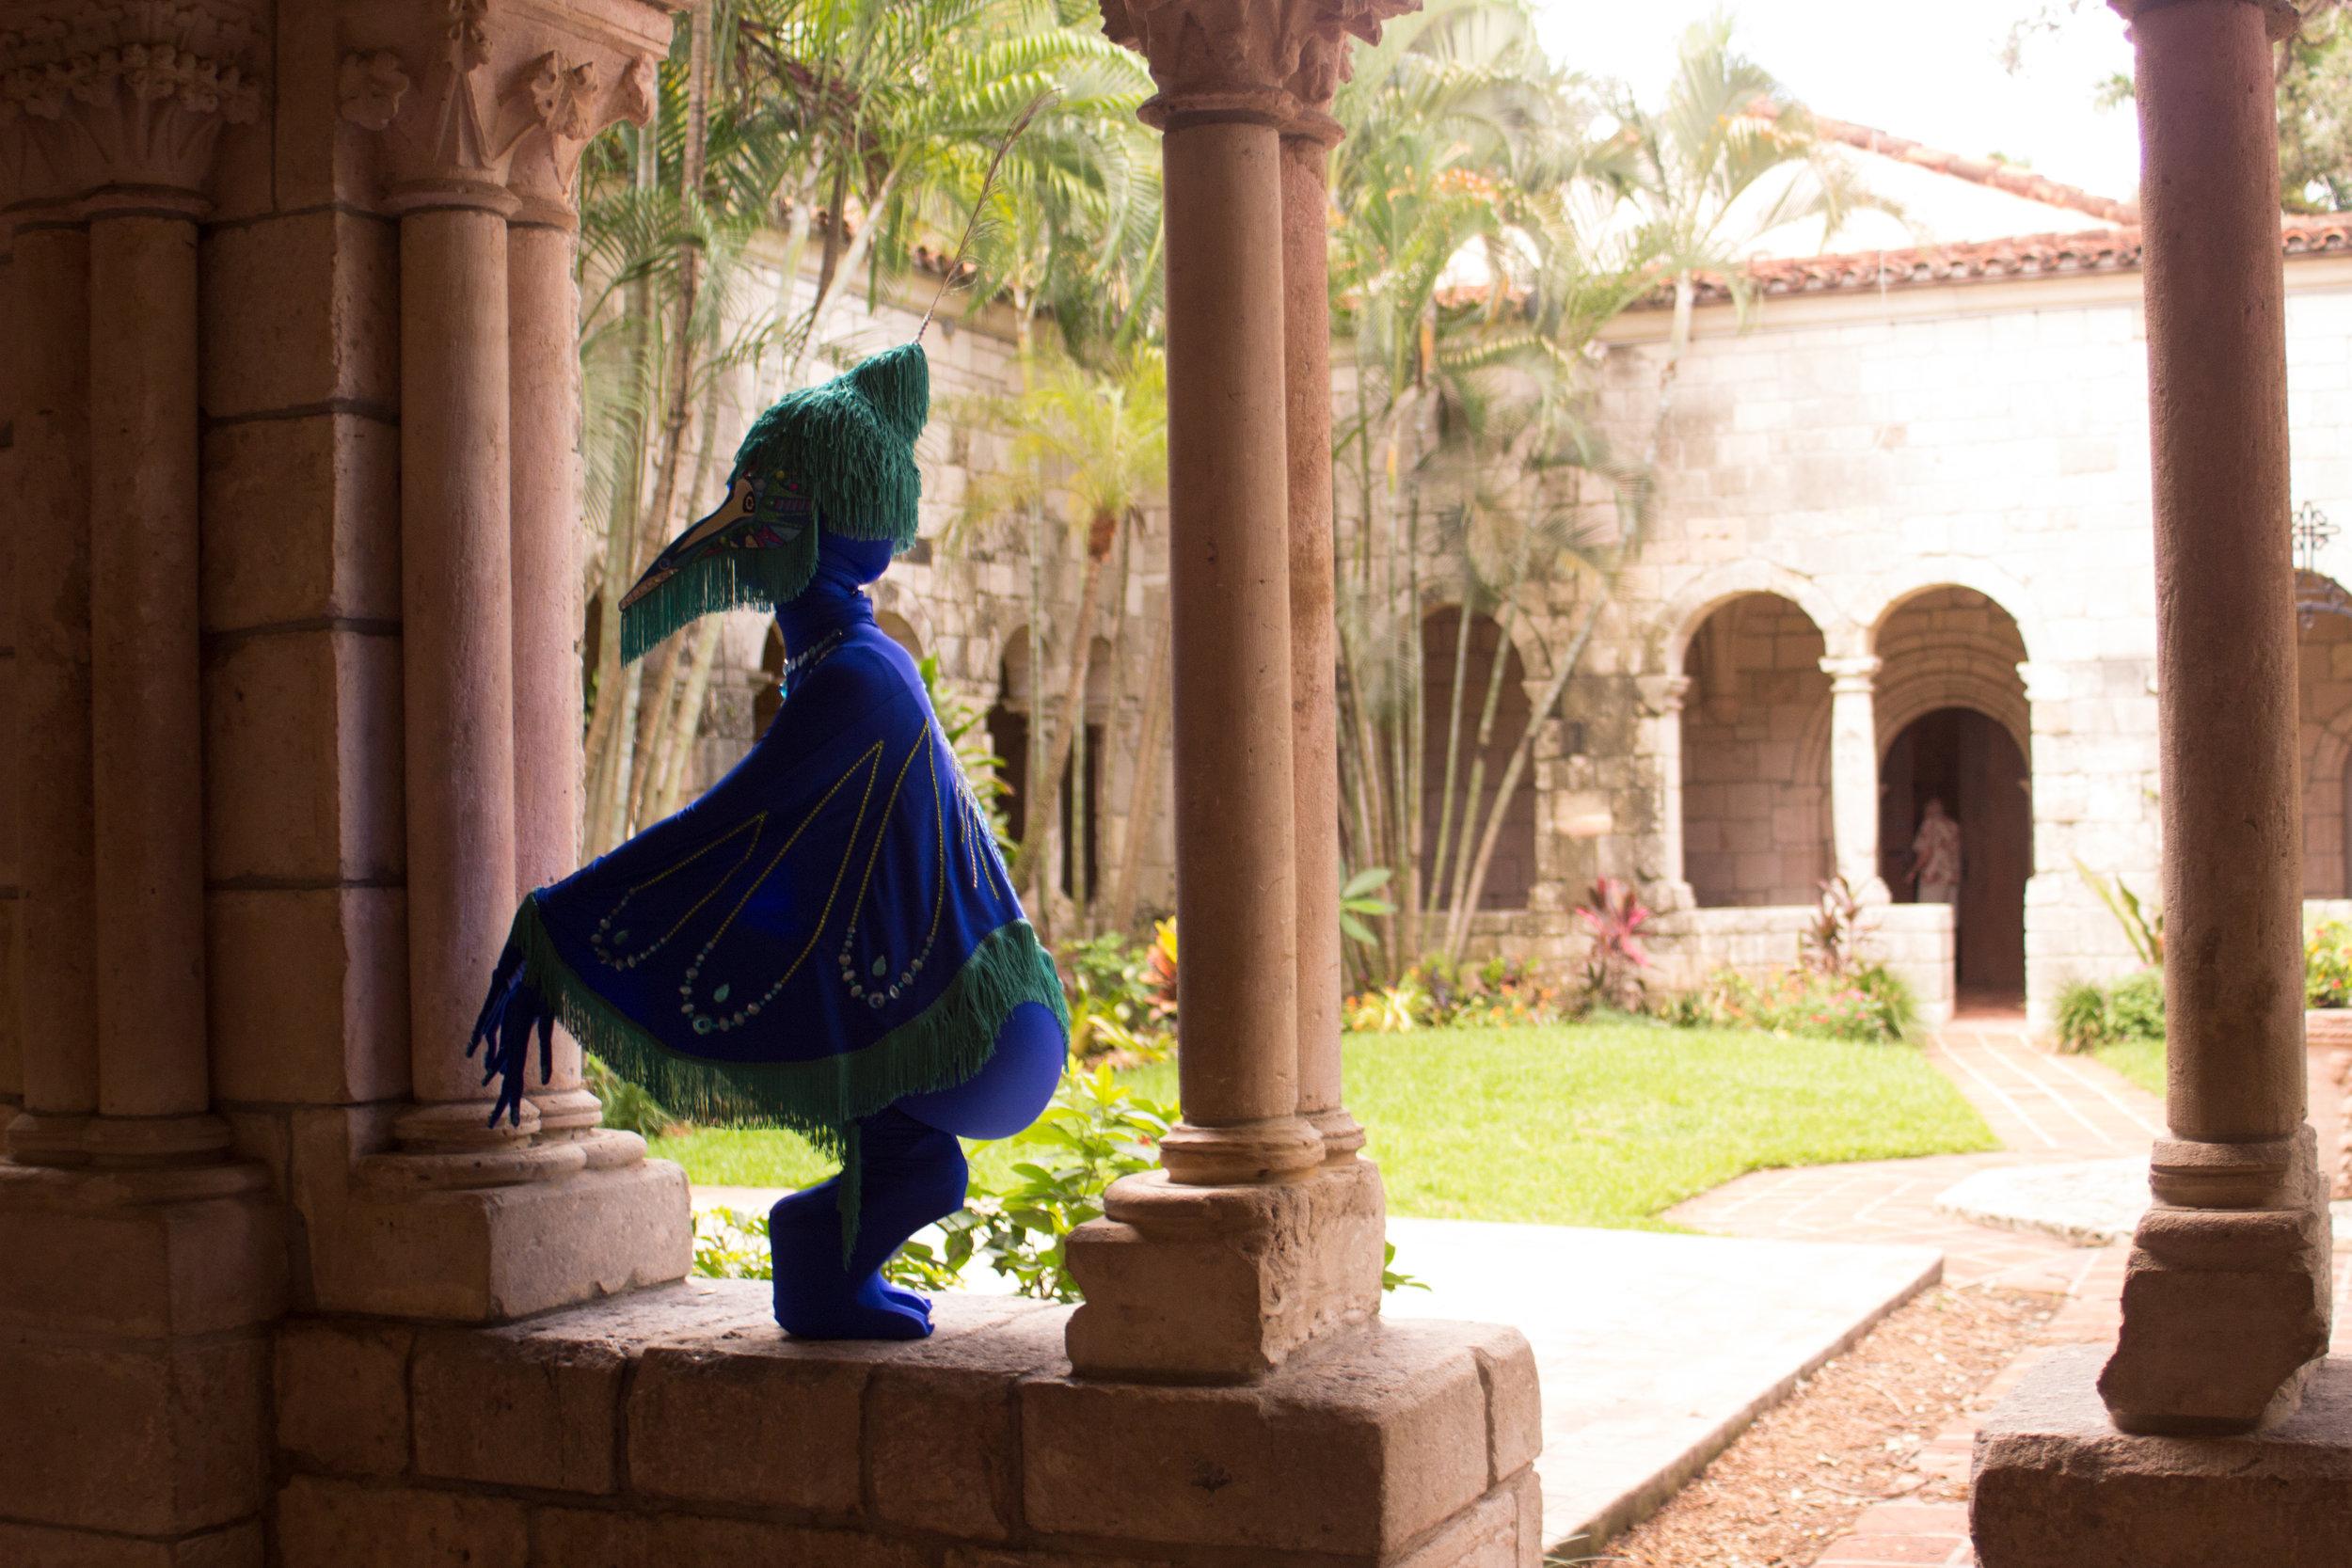 Peacock fairytale-8974.jpg